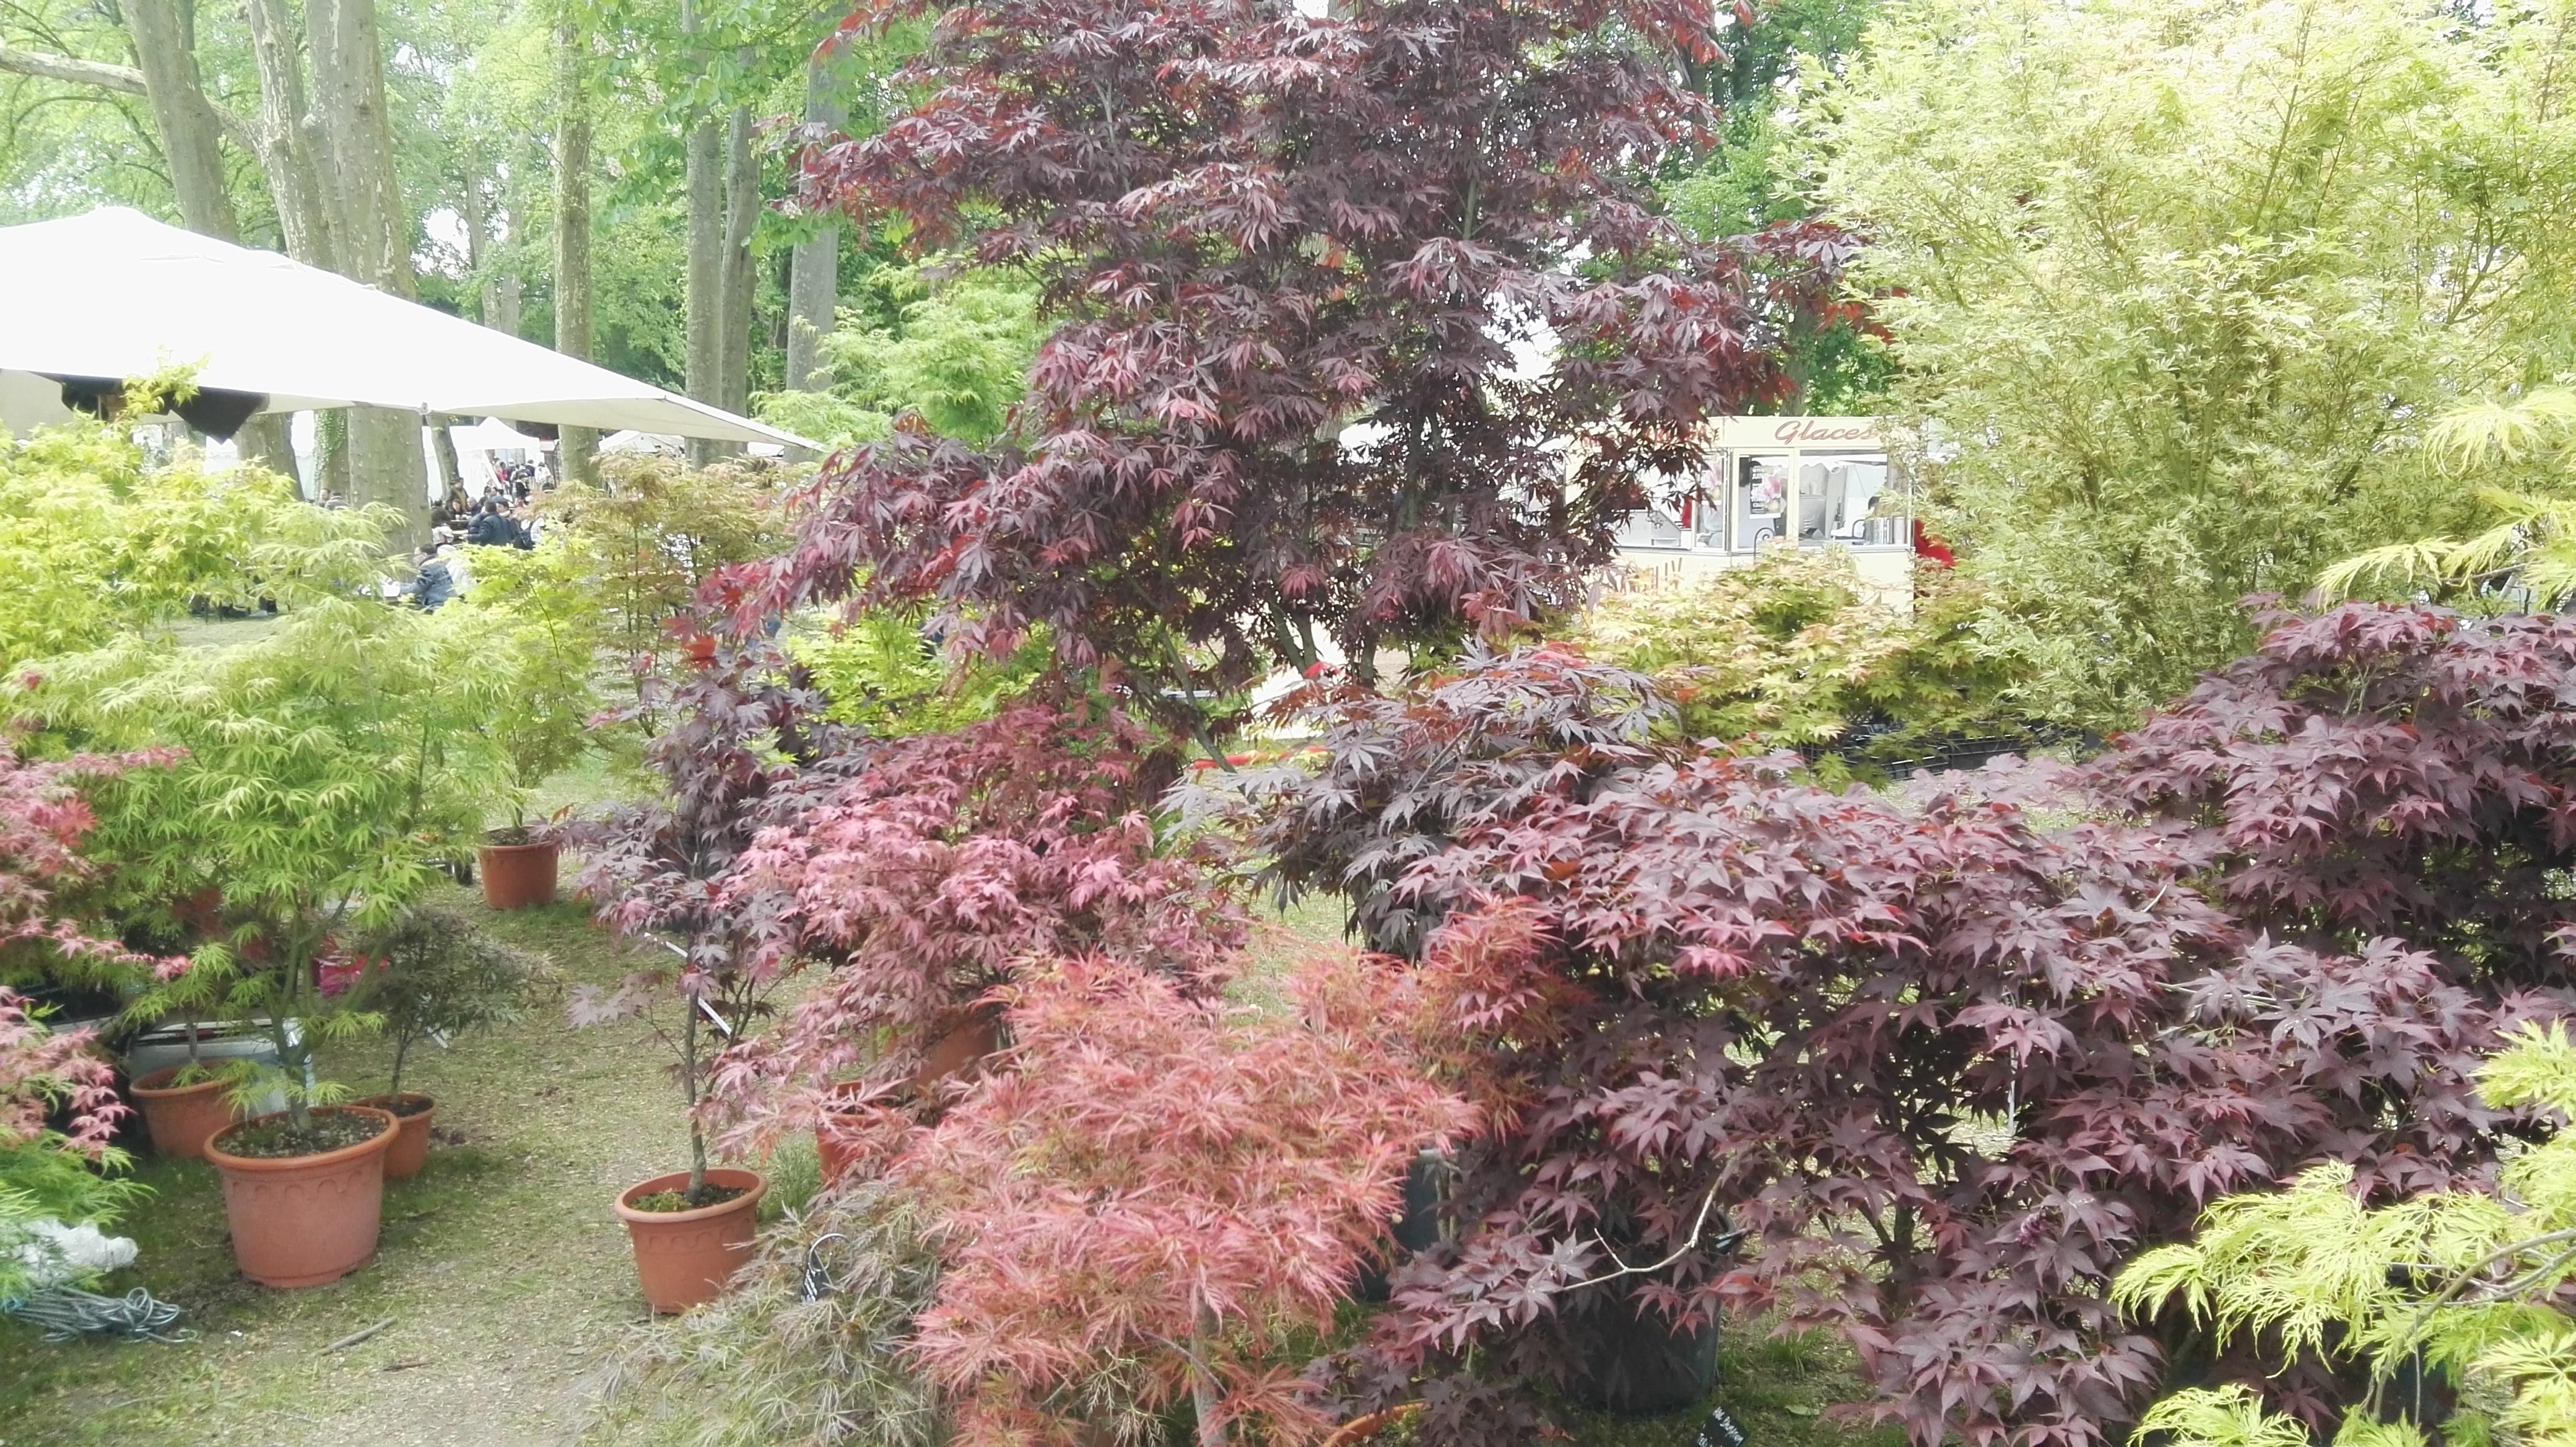 S bastien dipl m en horticulture am nagement paysager for Creation jardin potager